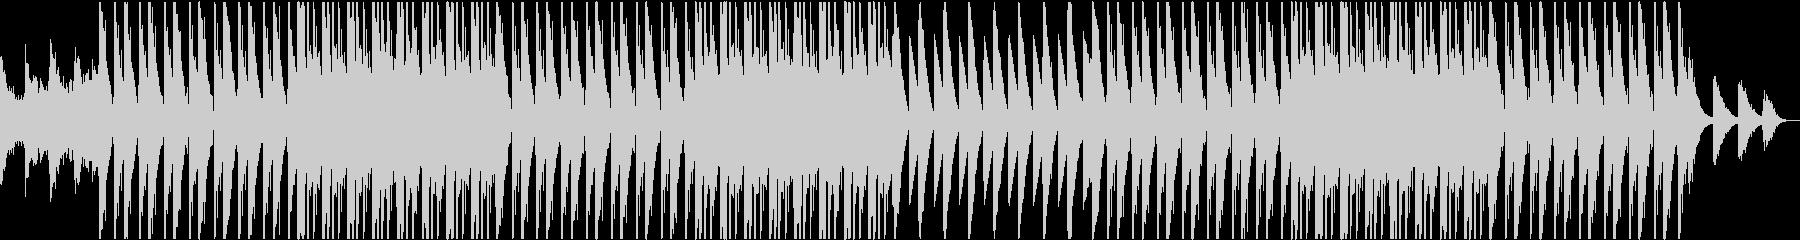 病的・猟奇的なトラップビートの未再生の波形